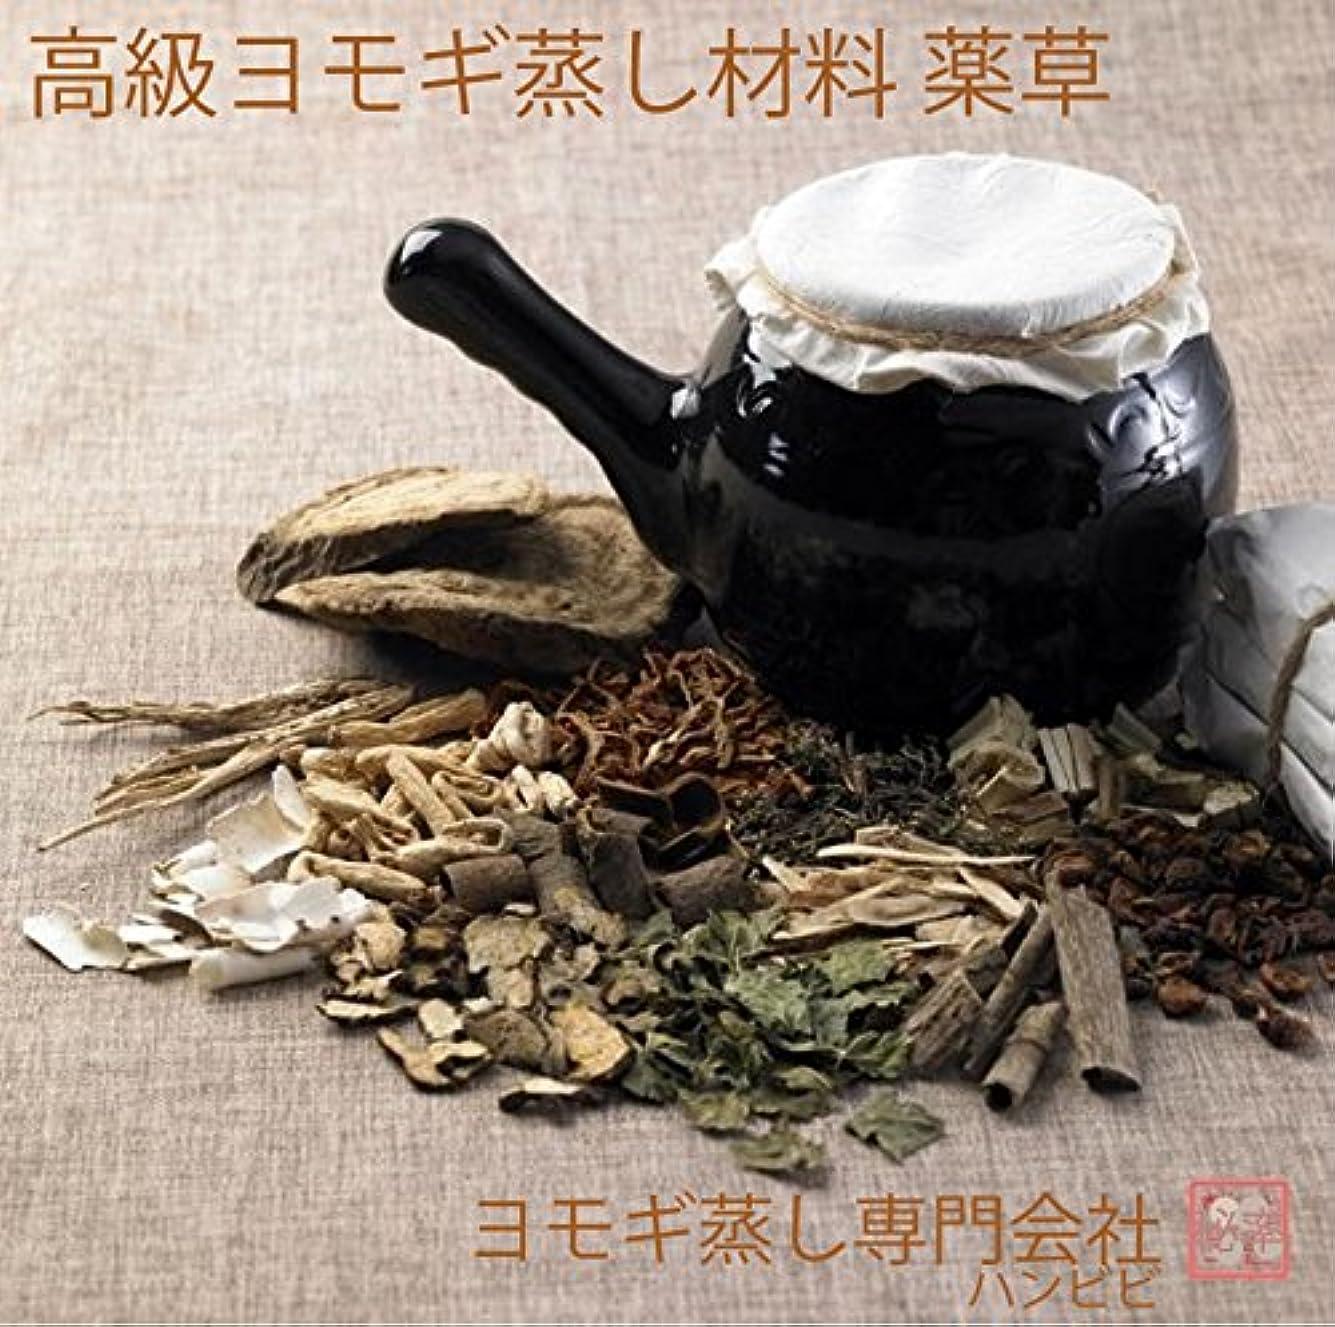 ベスビオ山賞賛ビジュアル蒸しヨモギ薬草、、<美肌美容、ダイエット、婦人子宮健康兼用